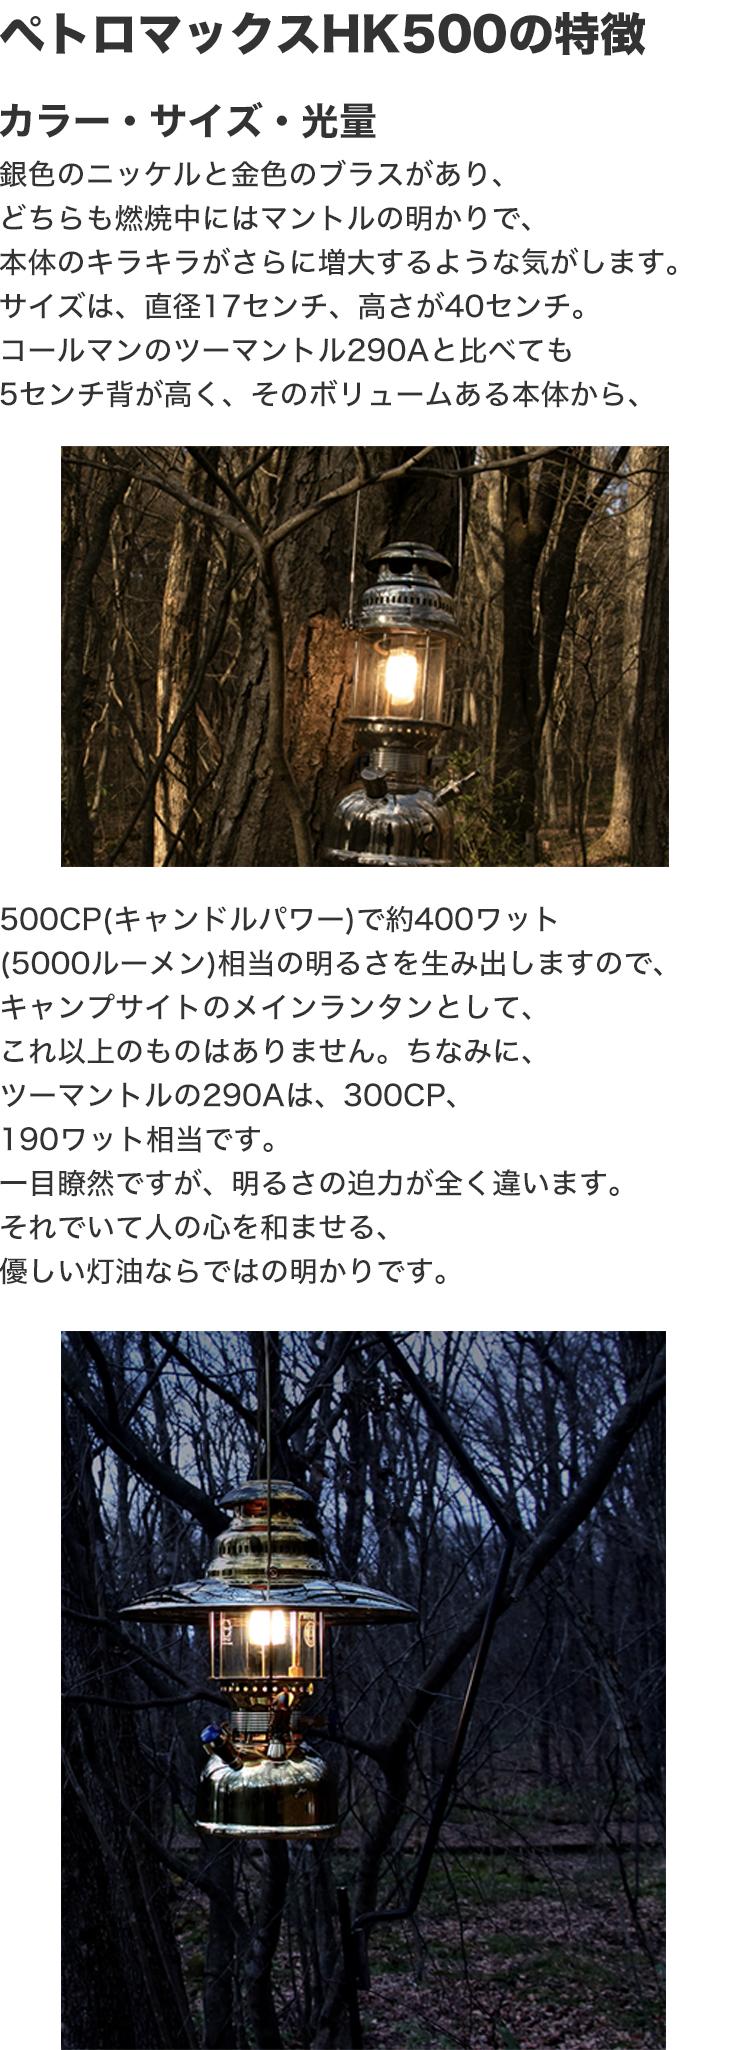 ペトロマックスHK500の特徴